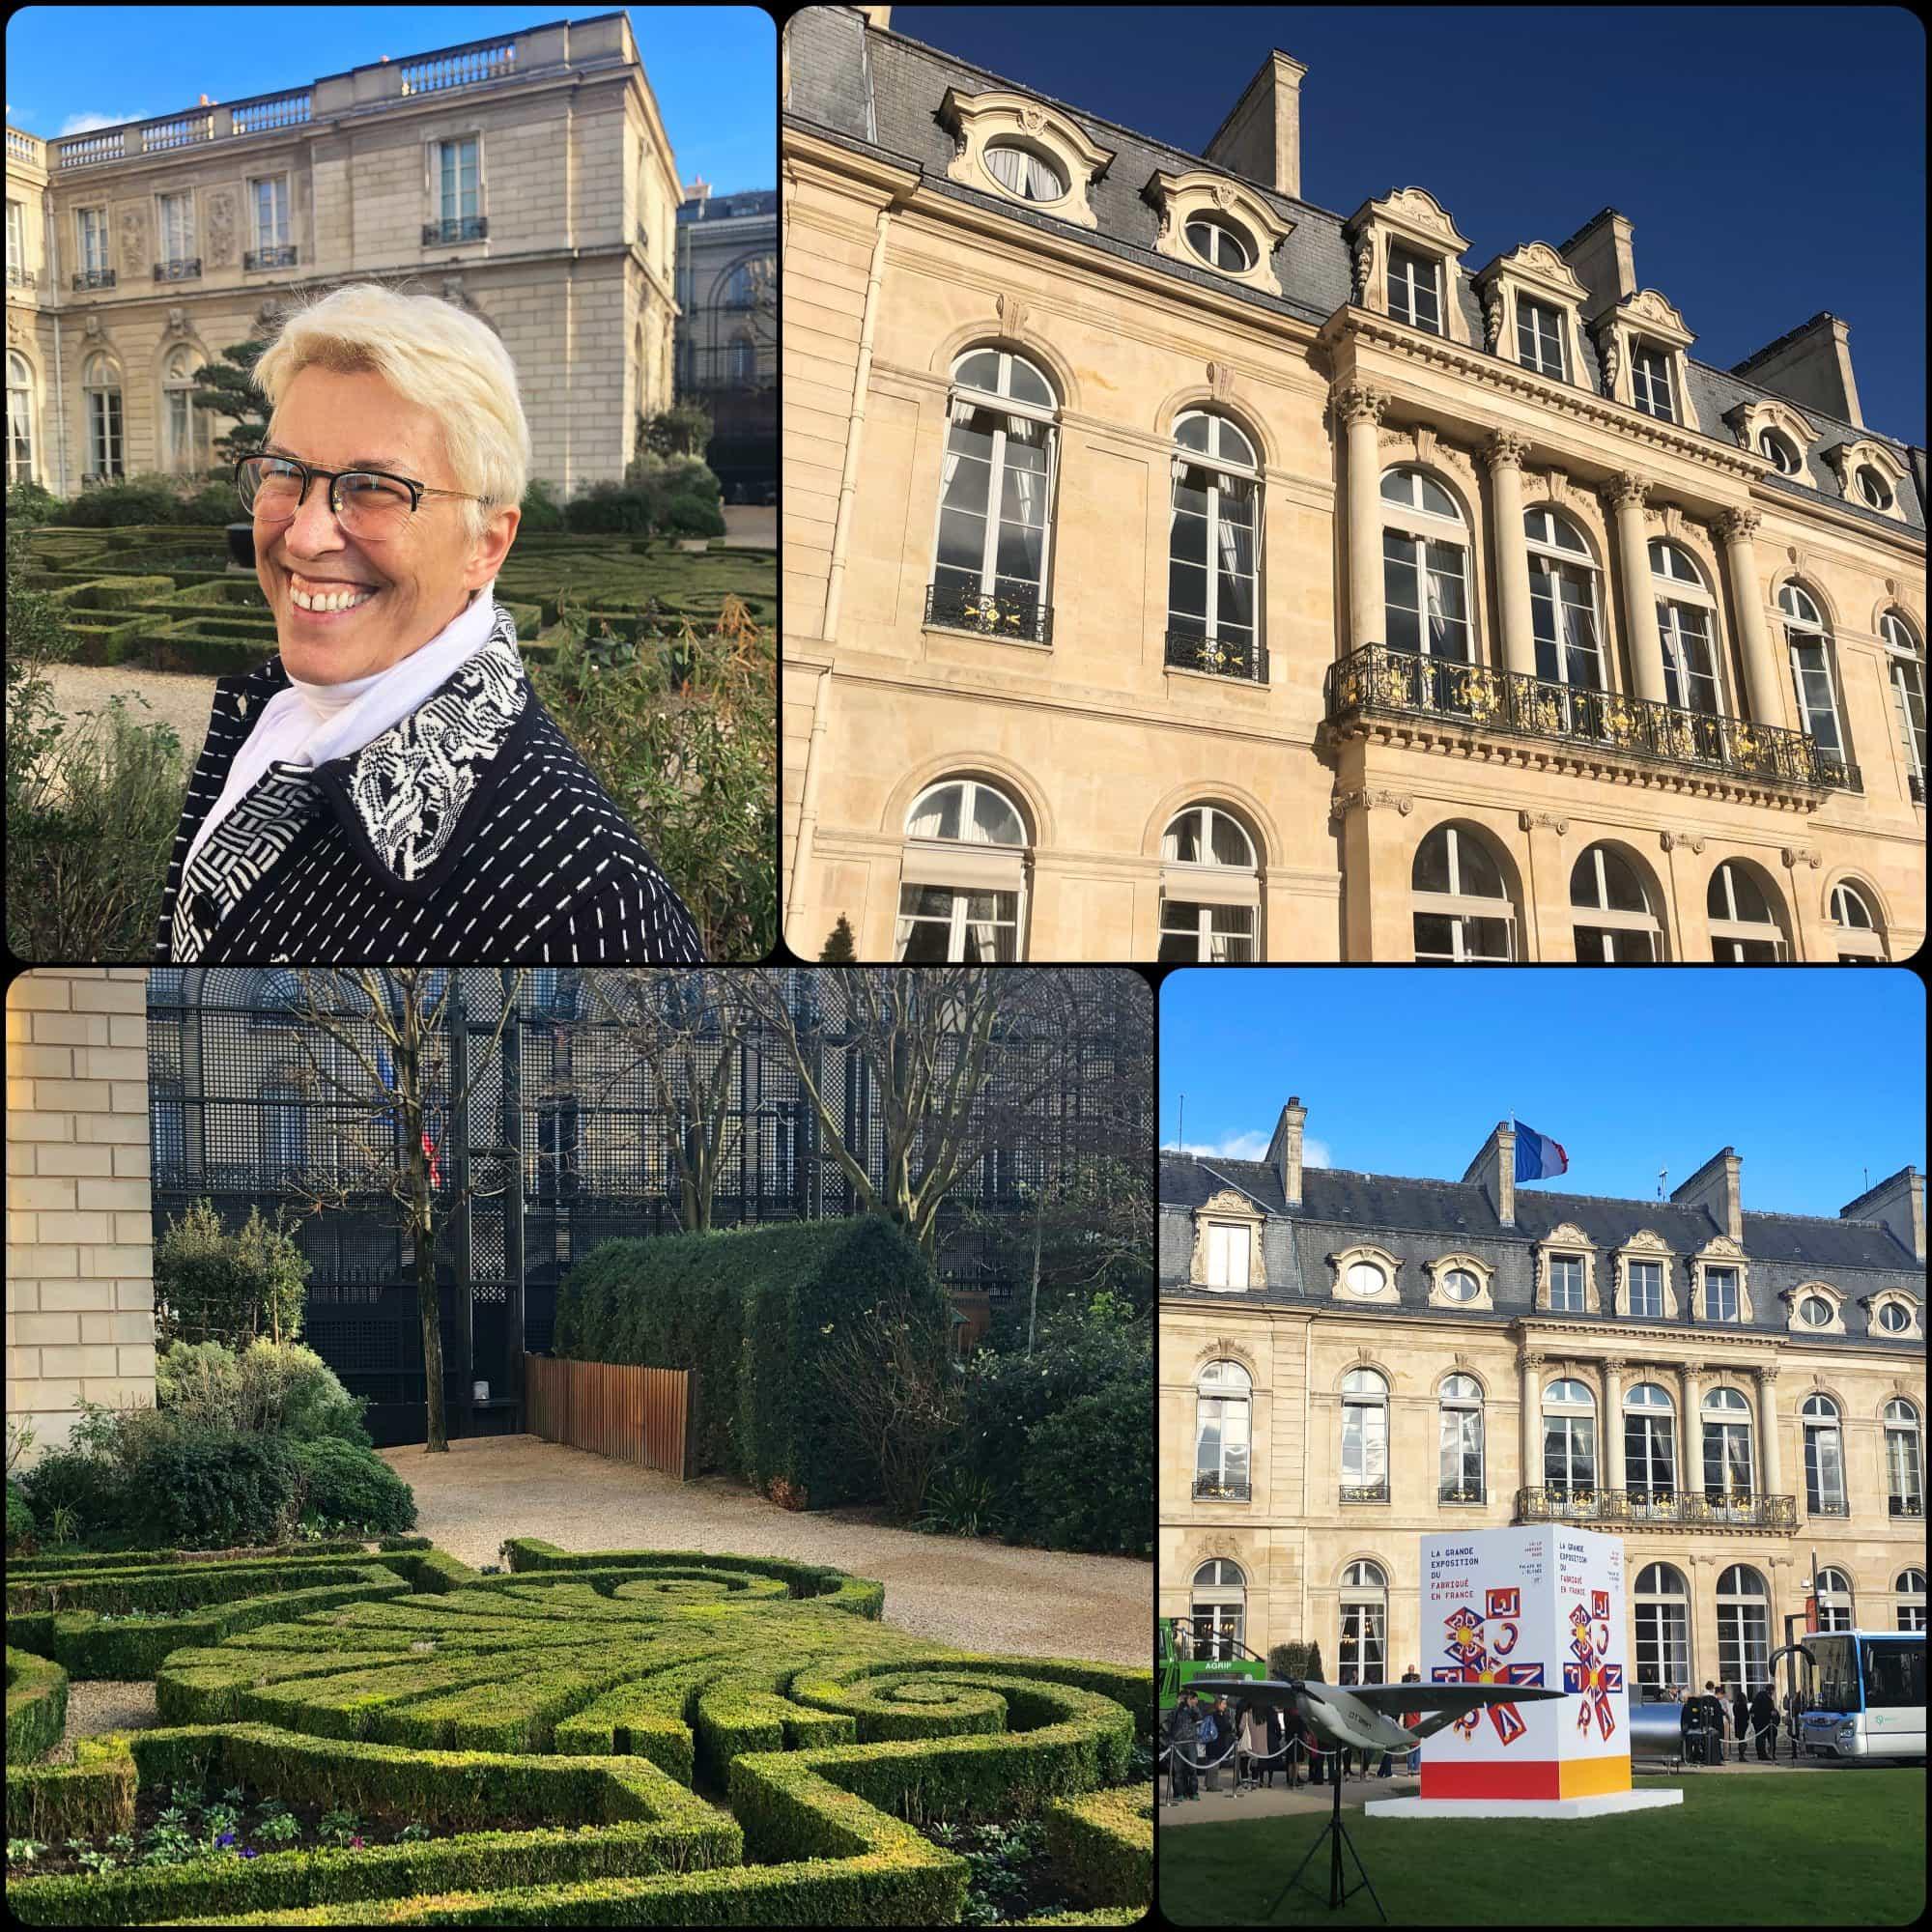 Guillaumette Duplaix at the Gardens of Elysée. Fabriqué en France à Présidence de la République par RUNWAY MAGAZINE